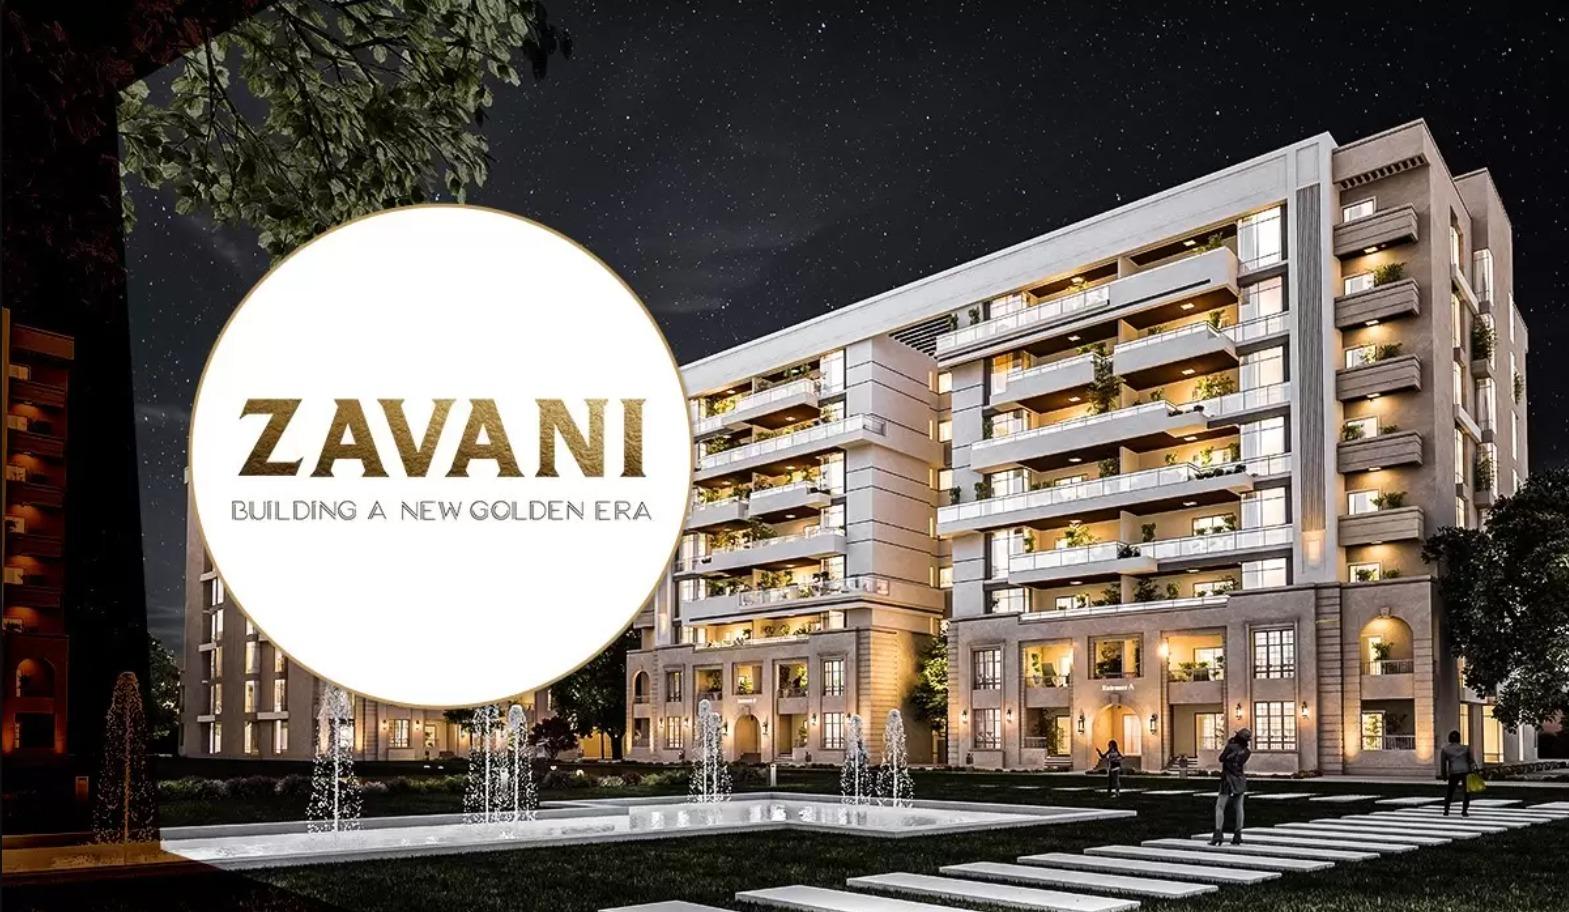 عرض متميز شقة 283 متر للبيع في زافانى بموقع مميز